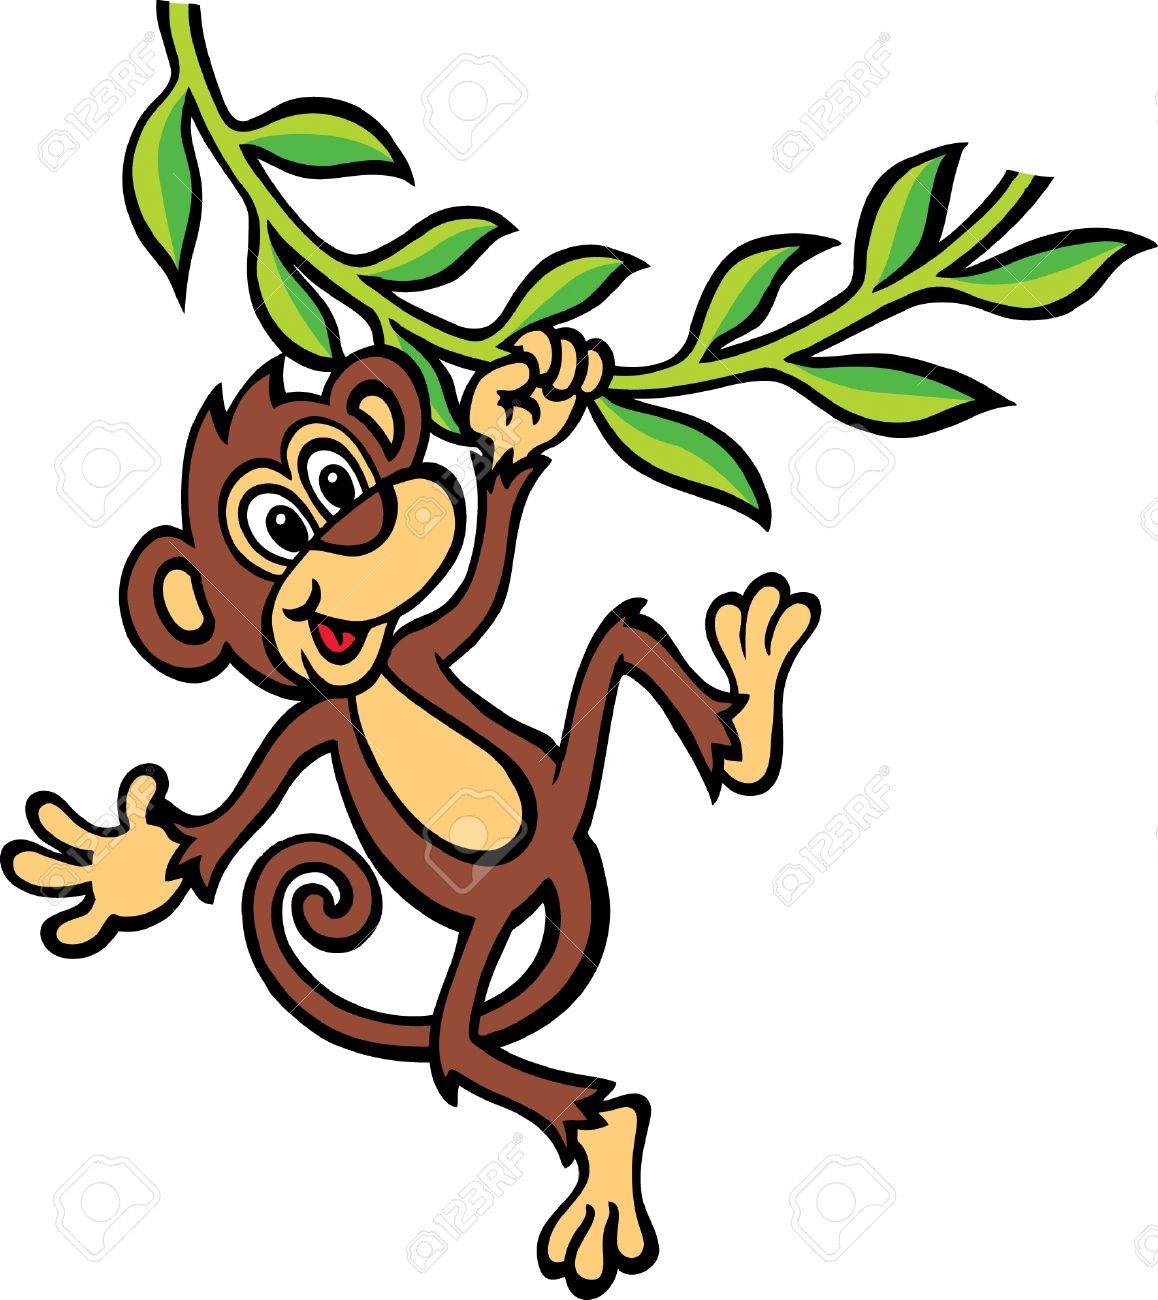 Swinging Monkey Clipart.